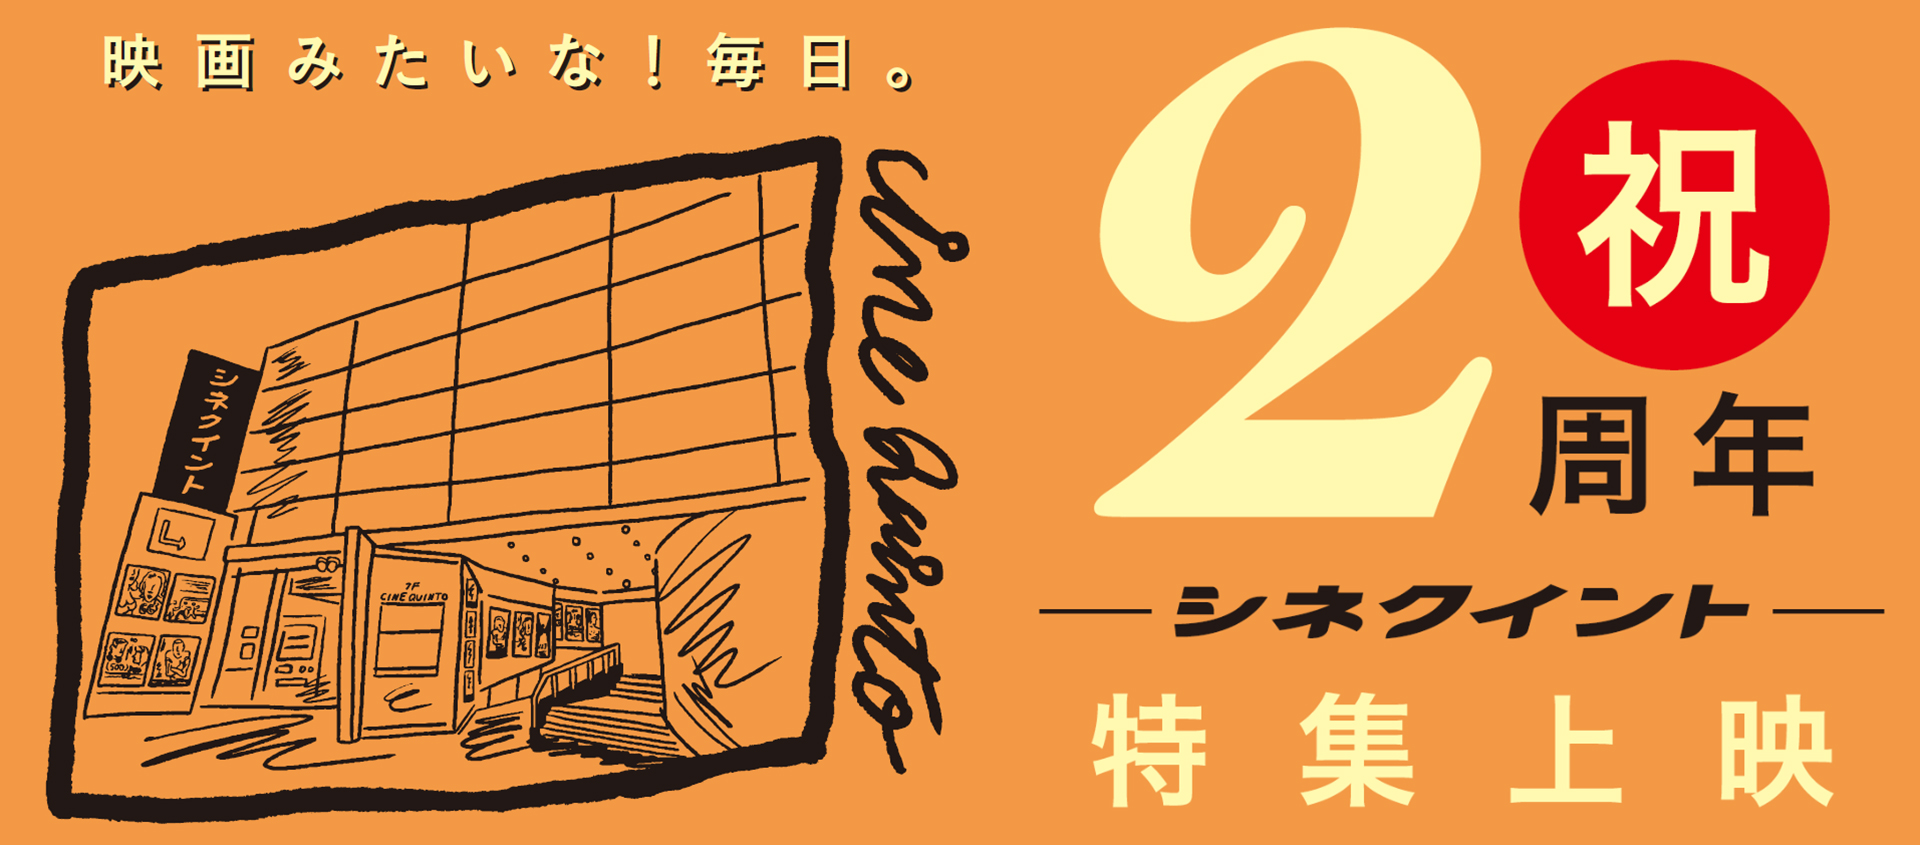 シネクイント復活オープン2周年記念